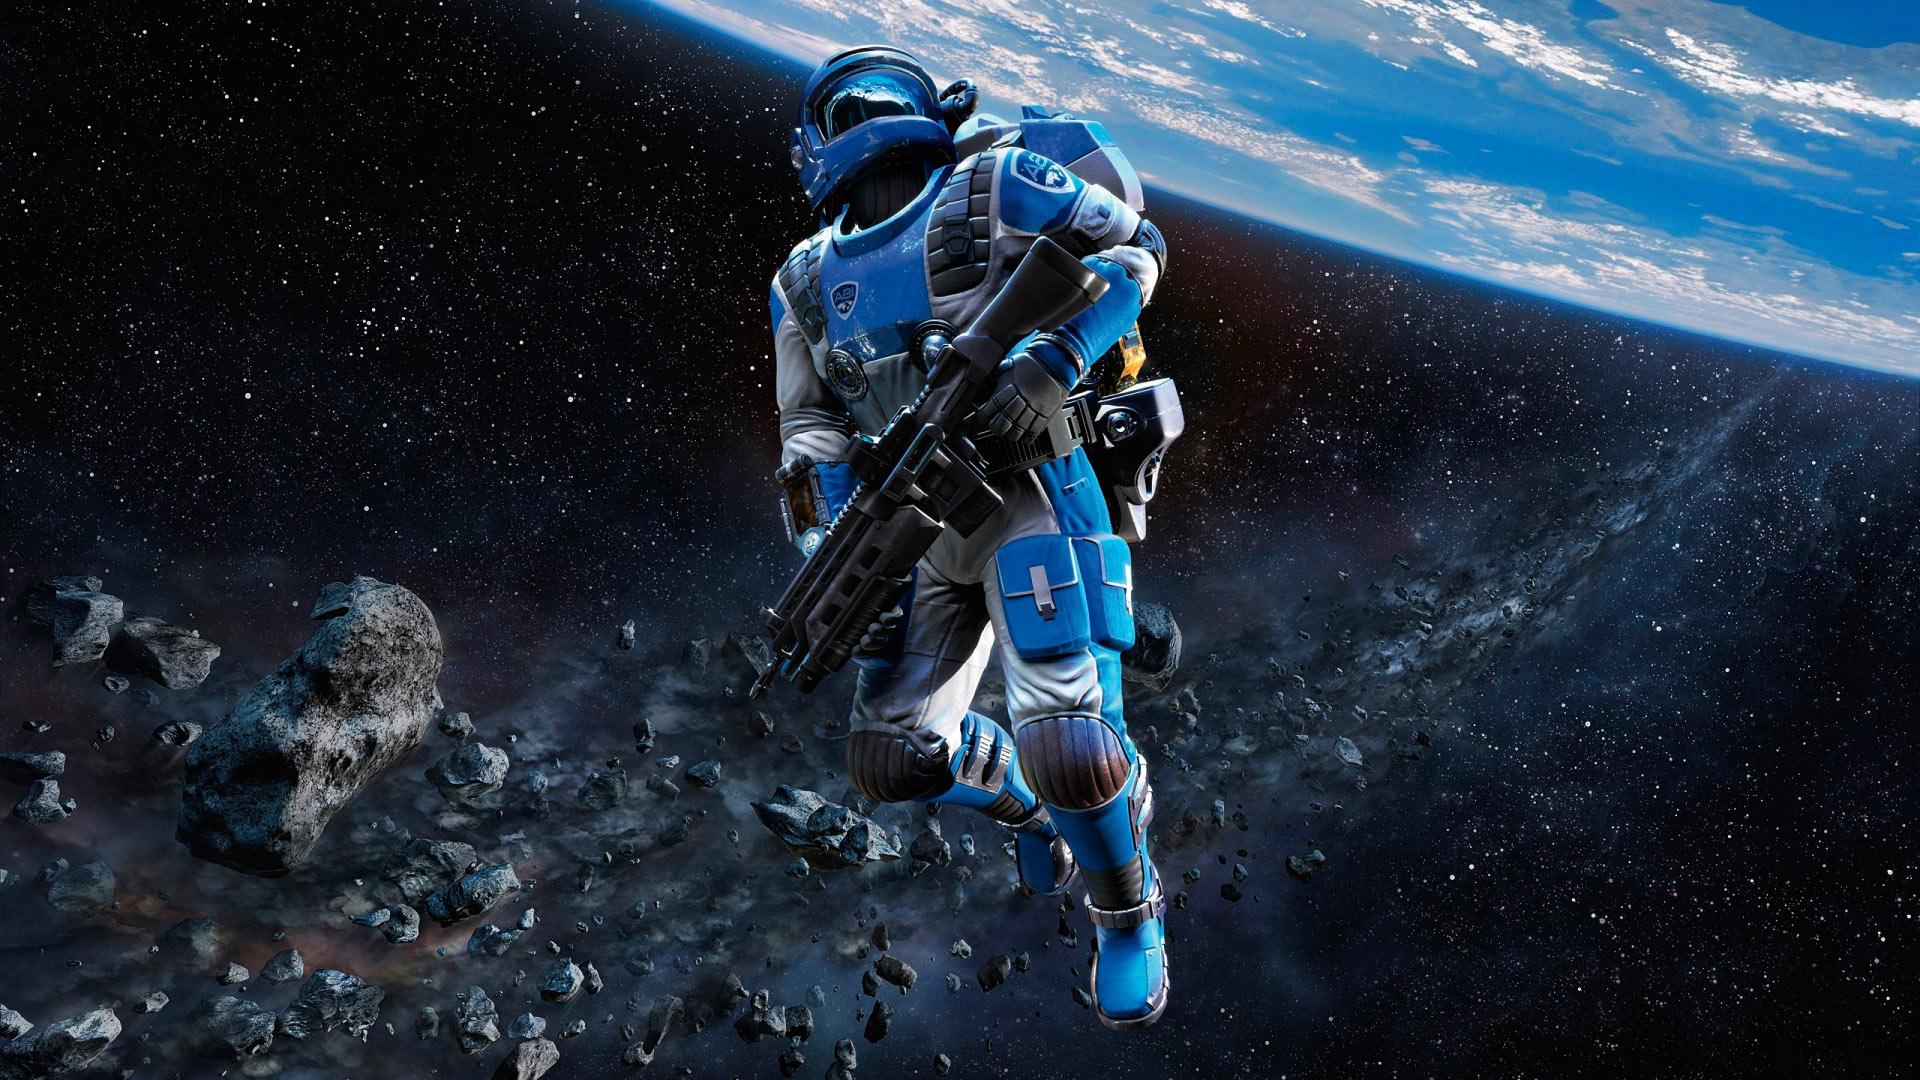 канву рисунок, картинки космических игр подаче